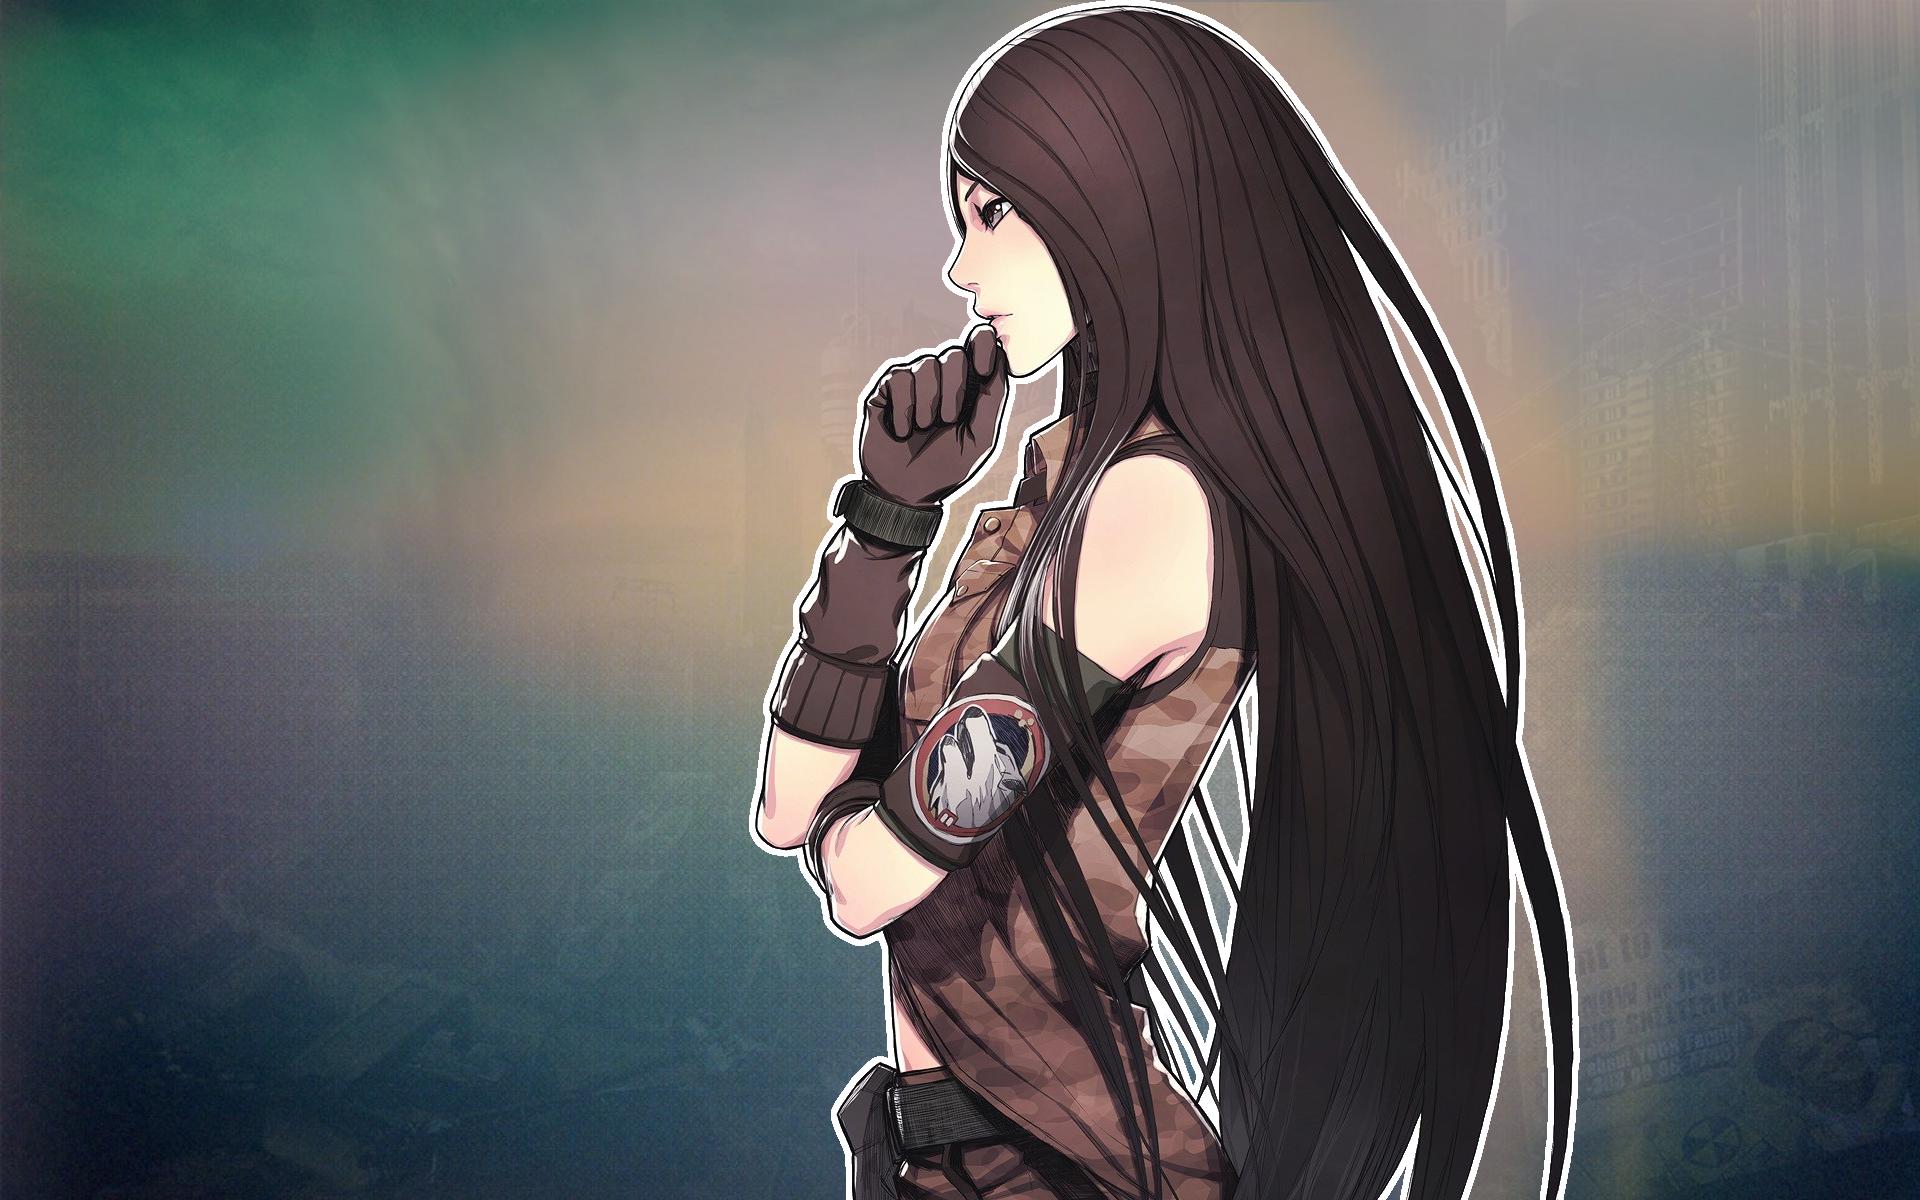 Wallpaper Anime Girls War Video Games Long Hair Advance Wars